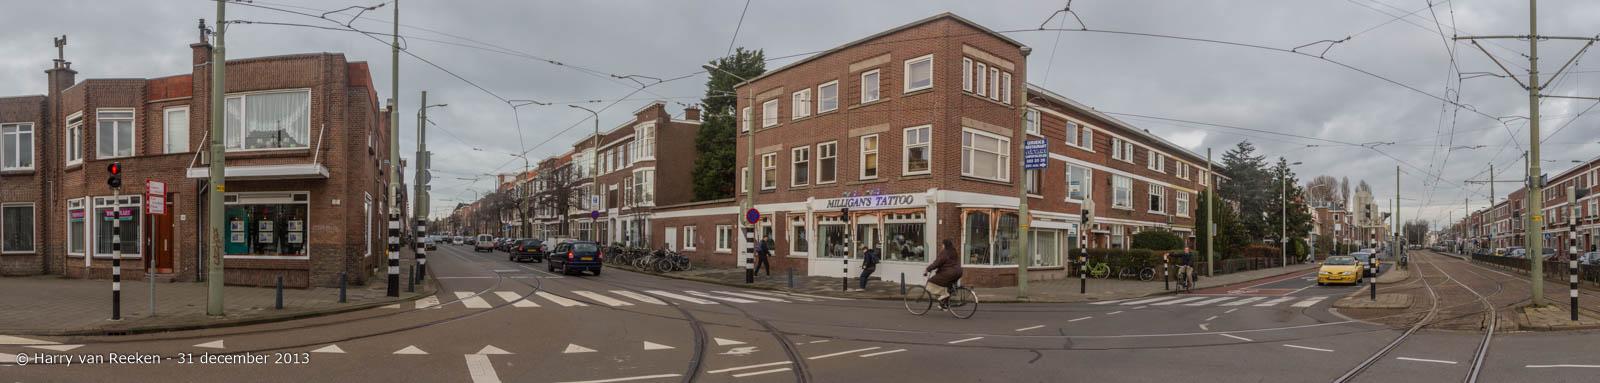 Laan van Meerdervoort-Goudenregenstraat-Pano